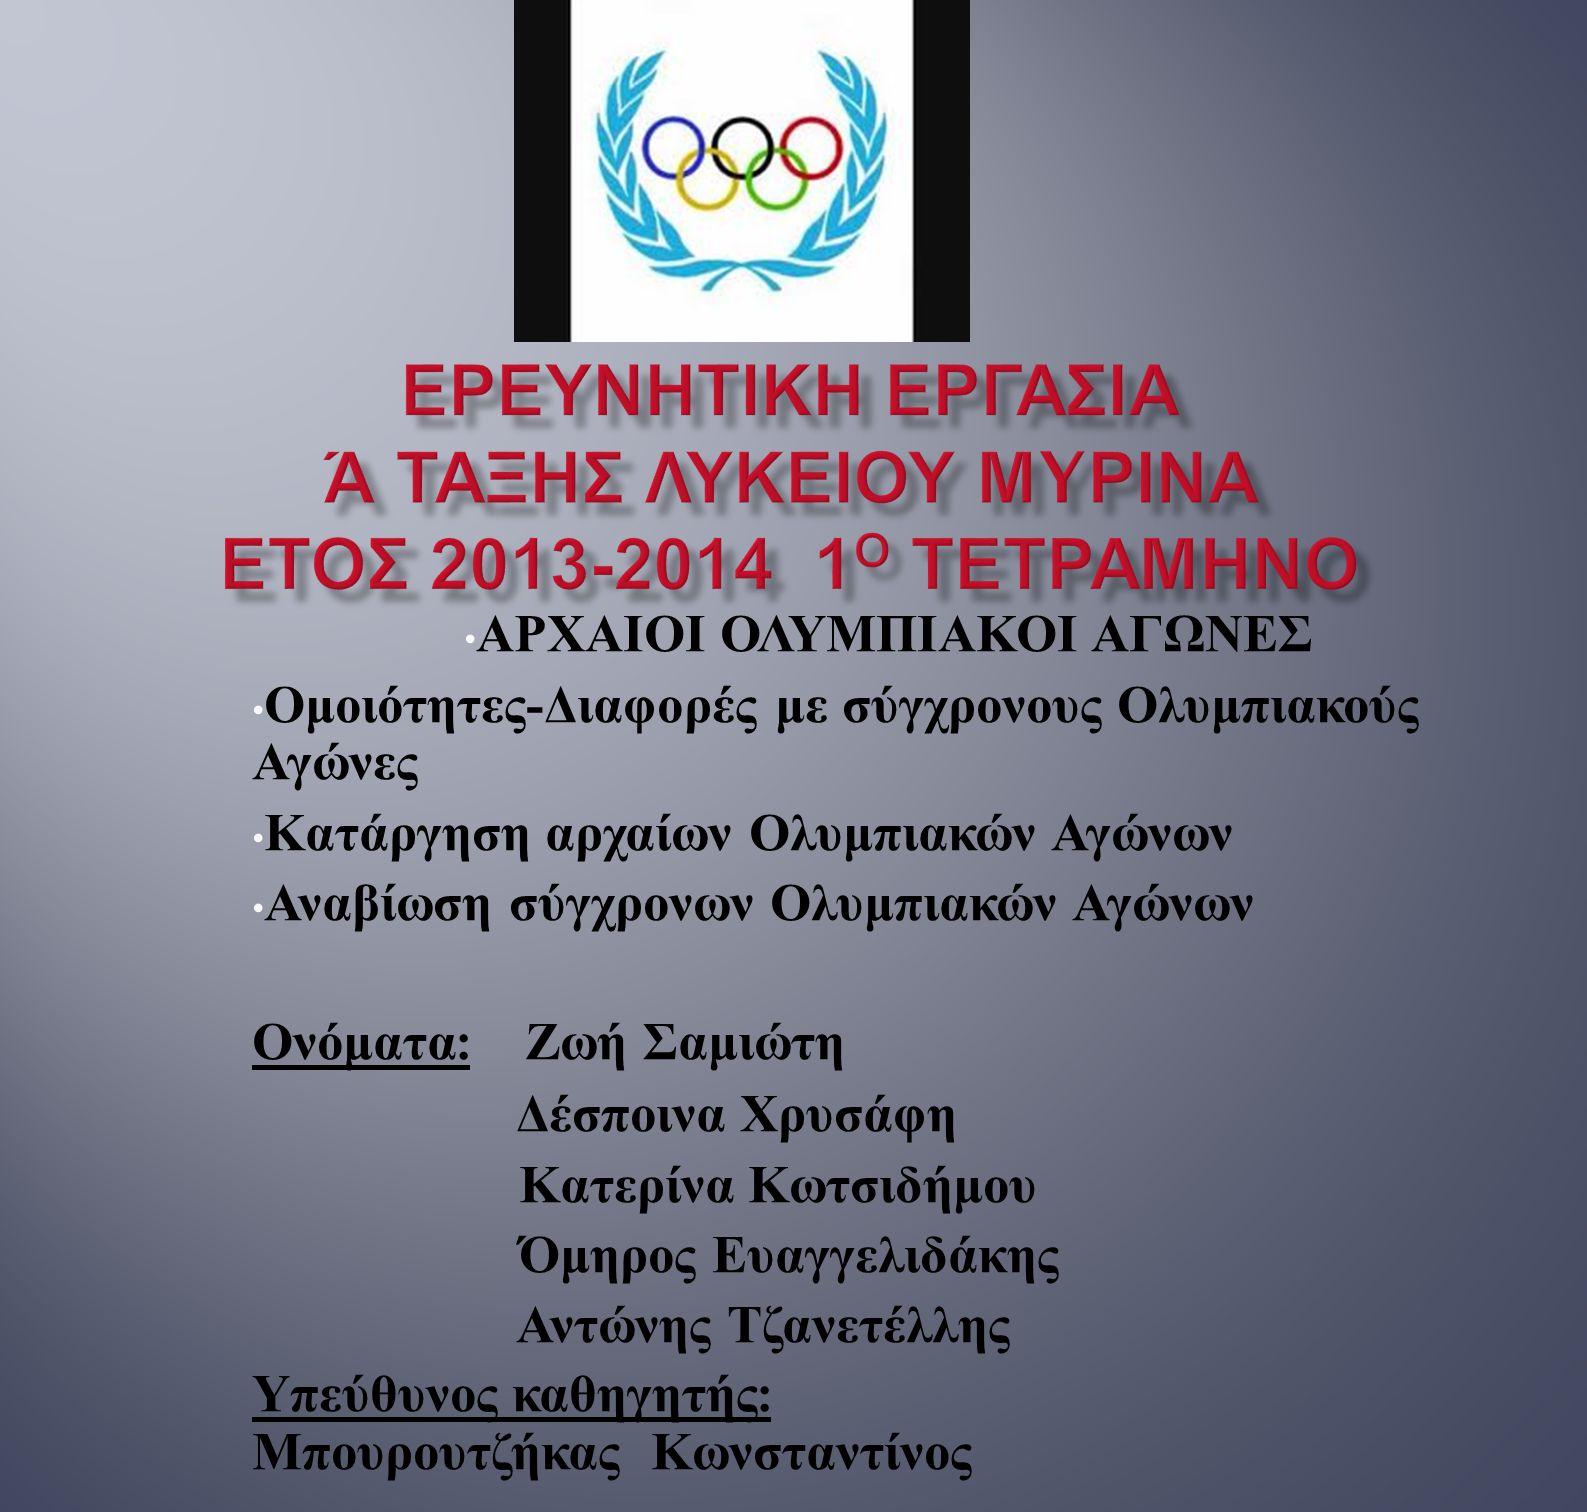 ΑΡΧΑΙΟΙ ΟΛΥΜΠΙΑΚΟΙ ΑΓΩΝΕΣ Ομοιότητες - Διαφορές με σύγχρονους Ολυμπιακούς Αγώνες Κατάργηση αρχαίων Ολυμπιακών Αγώνων Αναβίωση σύγχρονων Ολυμπιακών Αγώ